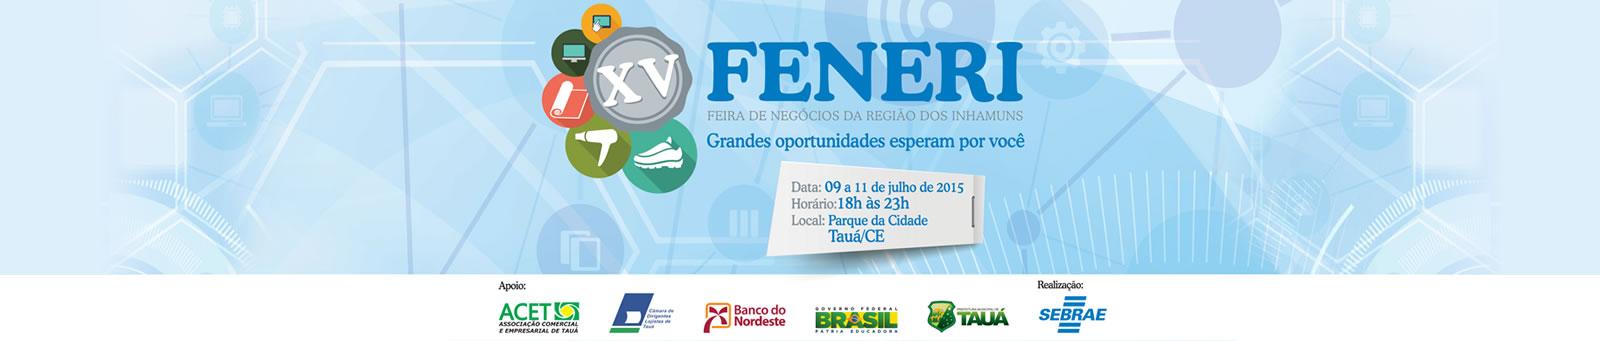 fenergi-banner1